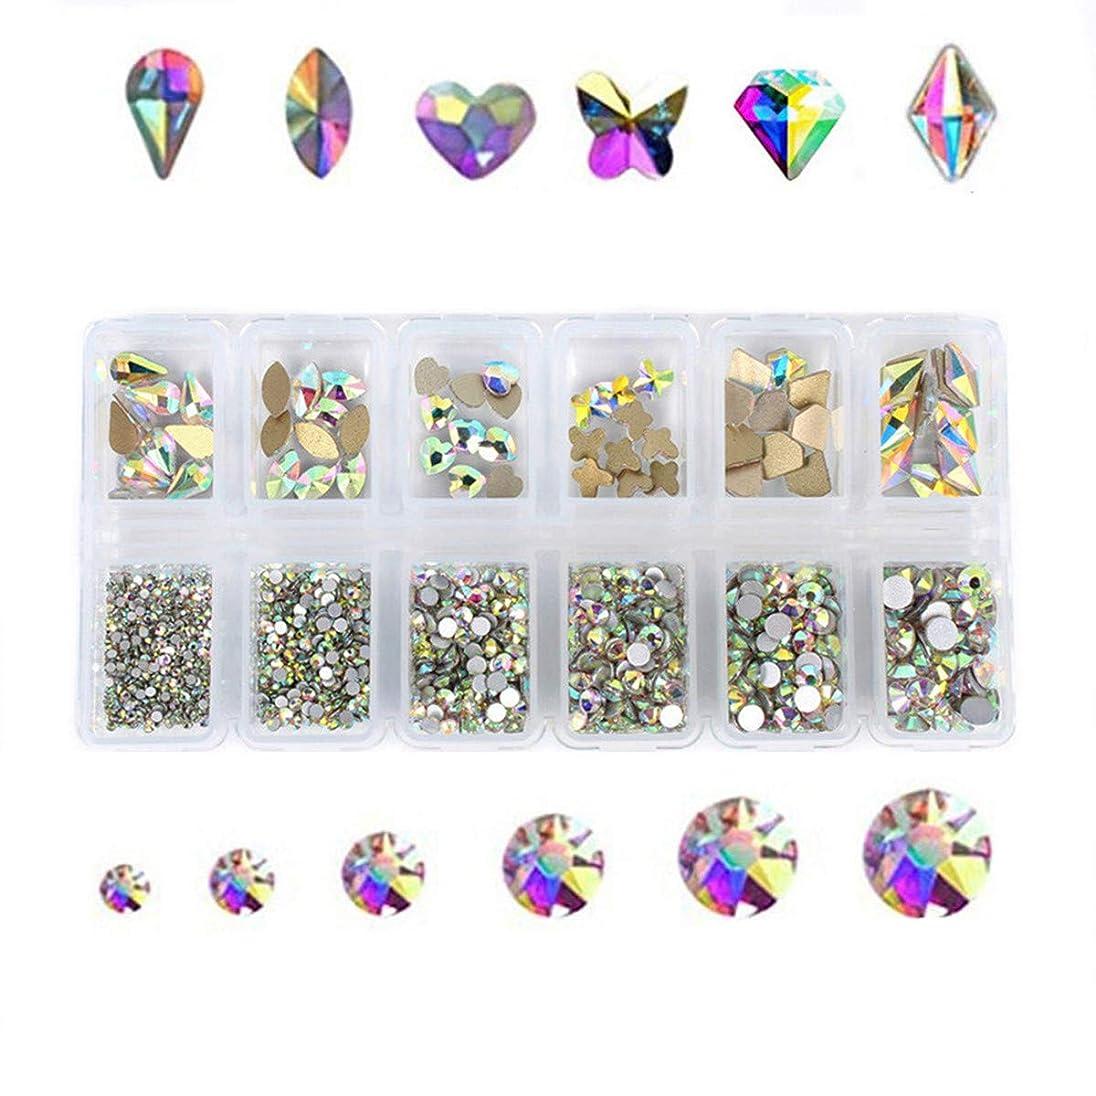 ガード電気技師立法Kingsie ネイル ラインストーン AB色 ガラス製 ファットバック クリスタル 3dネイルパーツ デコ素材 大粒 小粒 ミックスサイズ&形状 ケース入り